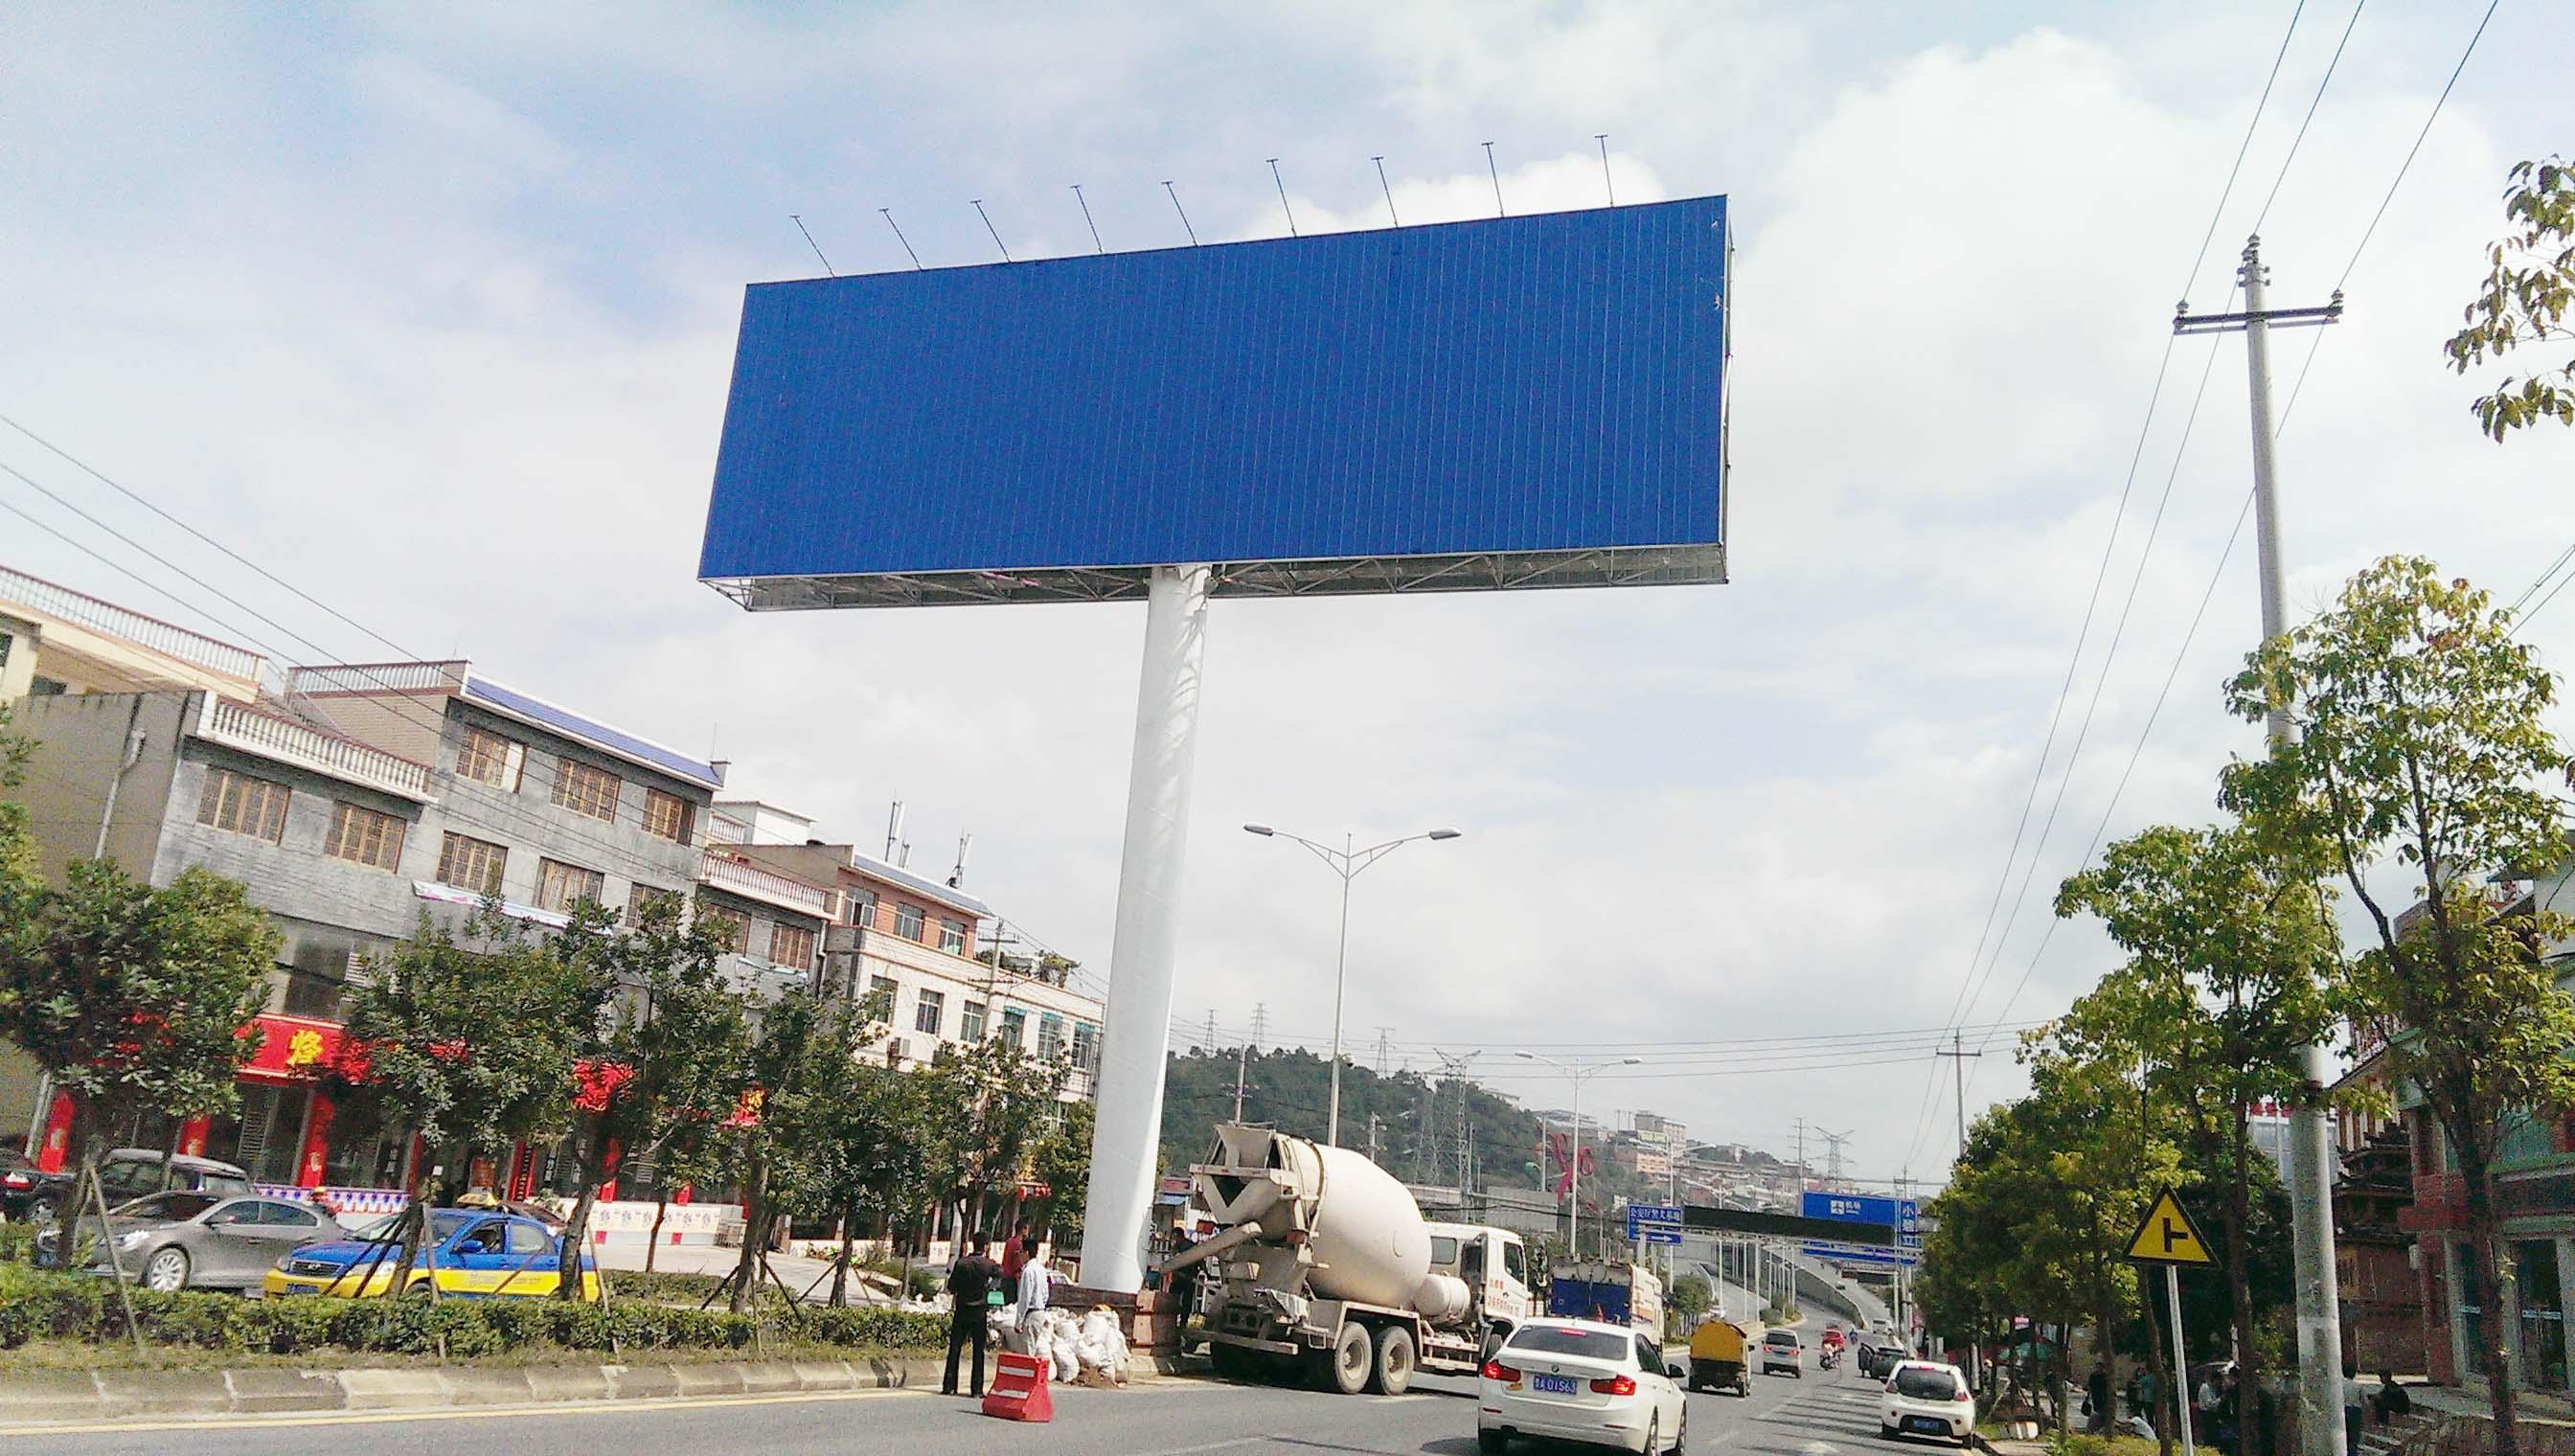 单立柱广告牌设计图纸